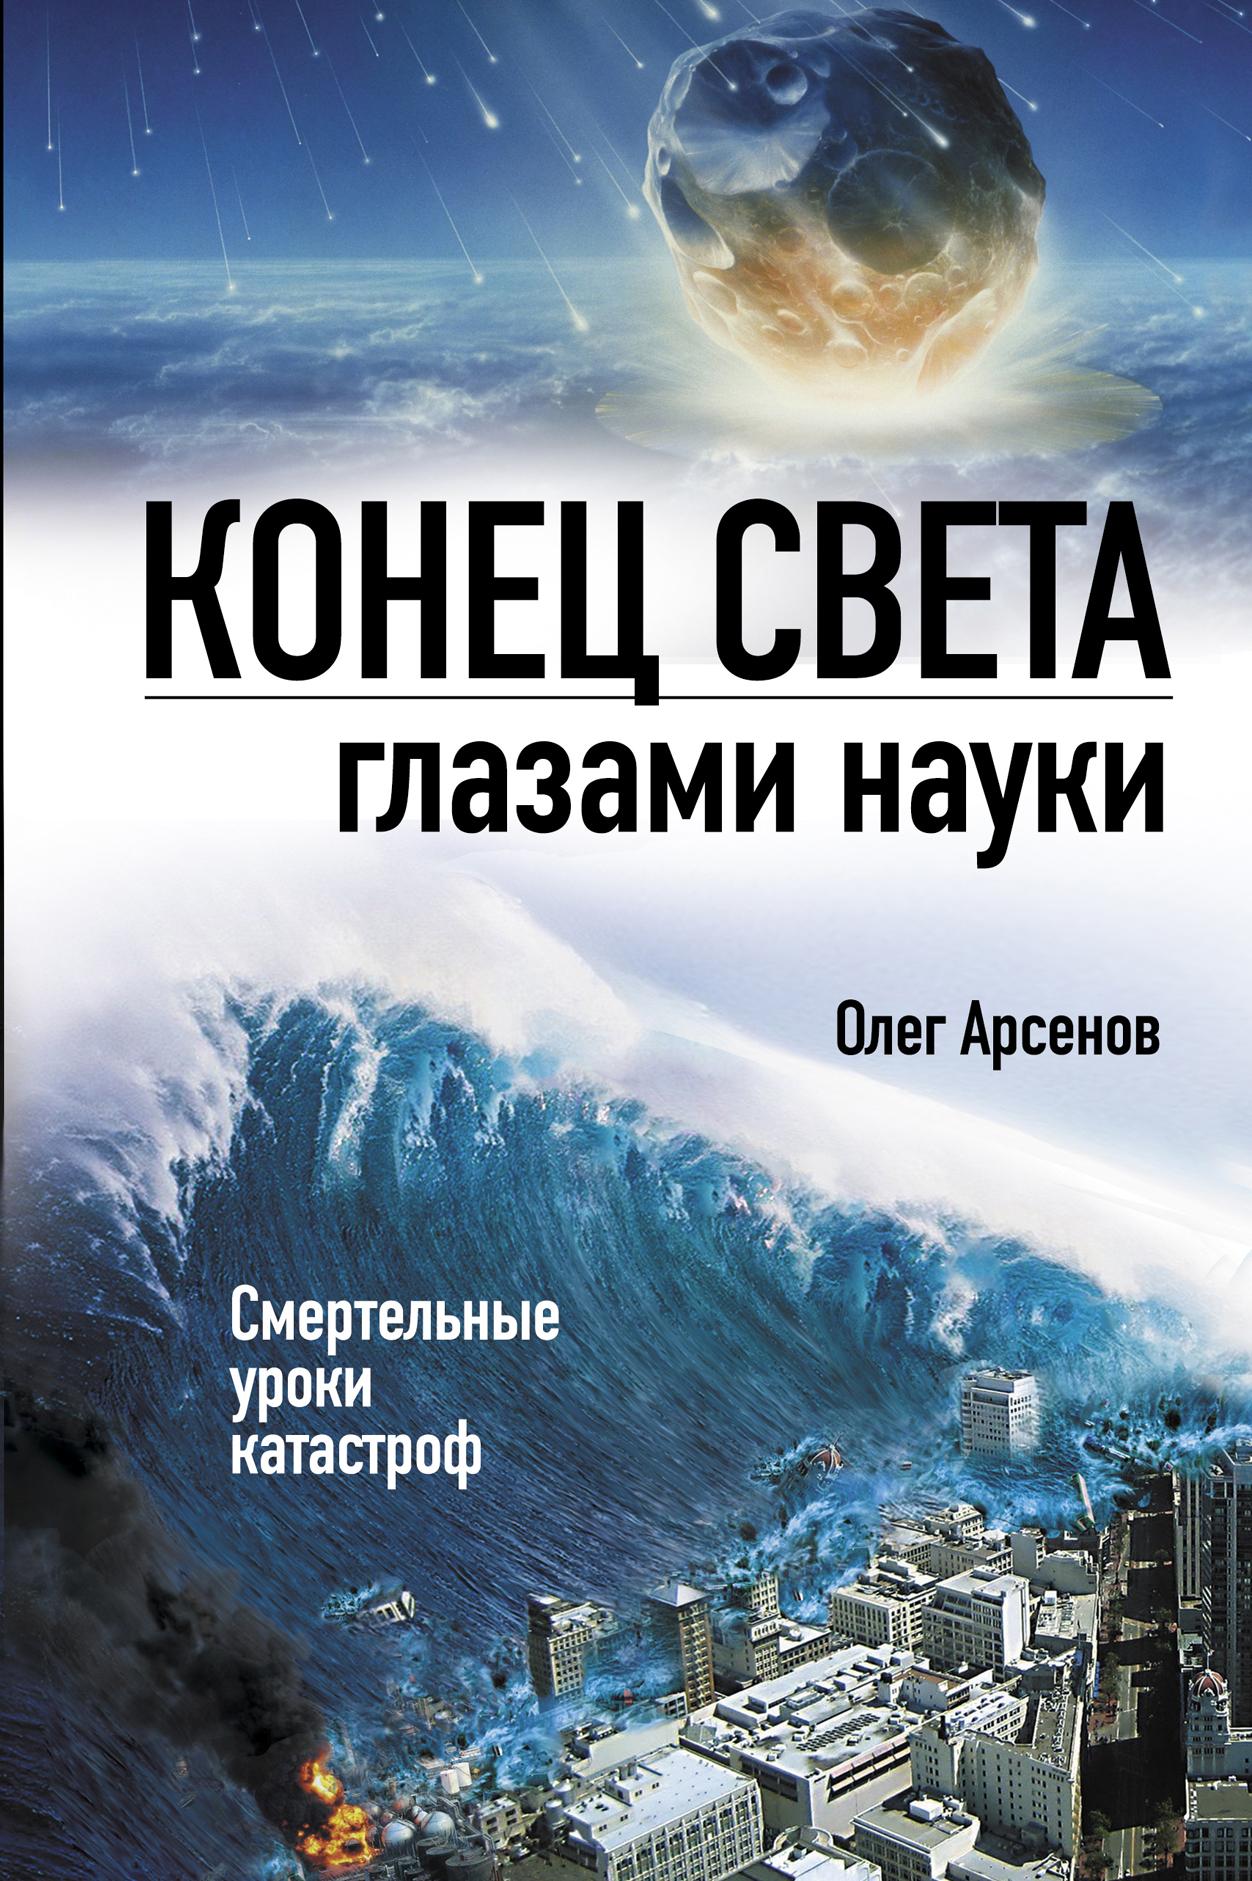 Конец света глазами науки ( Арсенов О.О.  )